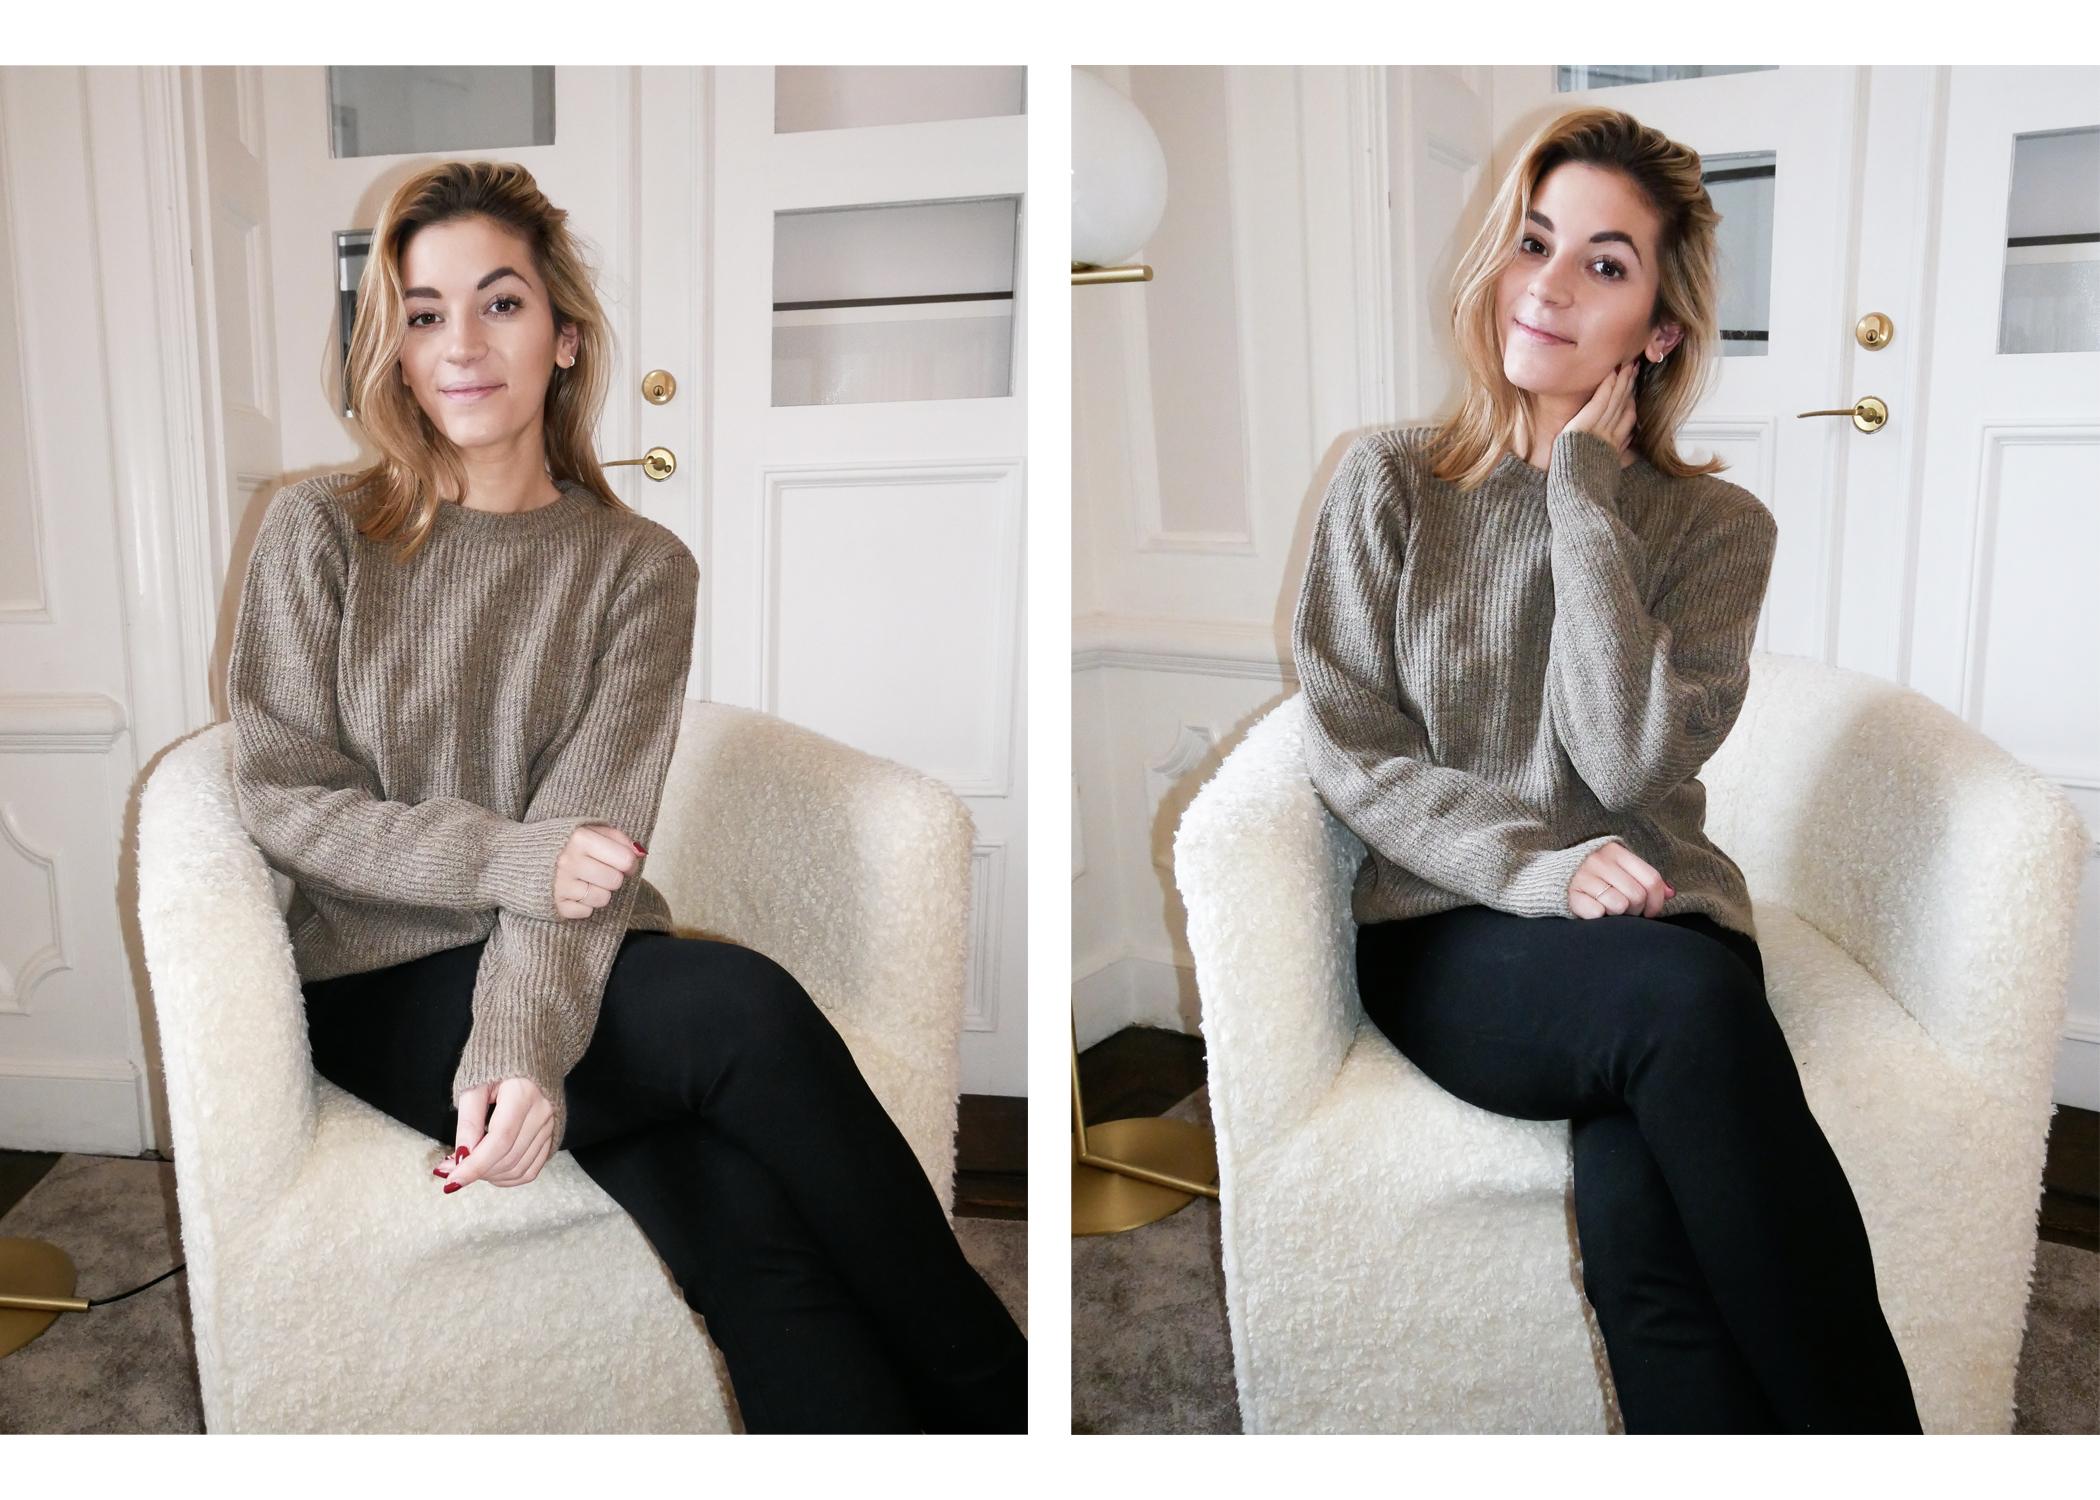 Eftersom att vintern fortfarande är ett faktum kändes en ny stickad tröja  (klick!) som en bra idé. Jag tänkte ha den över mina andra plagg för att  hålla ... 515d0c4f173b7